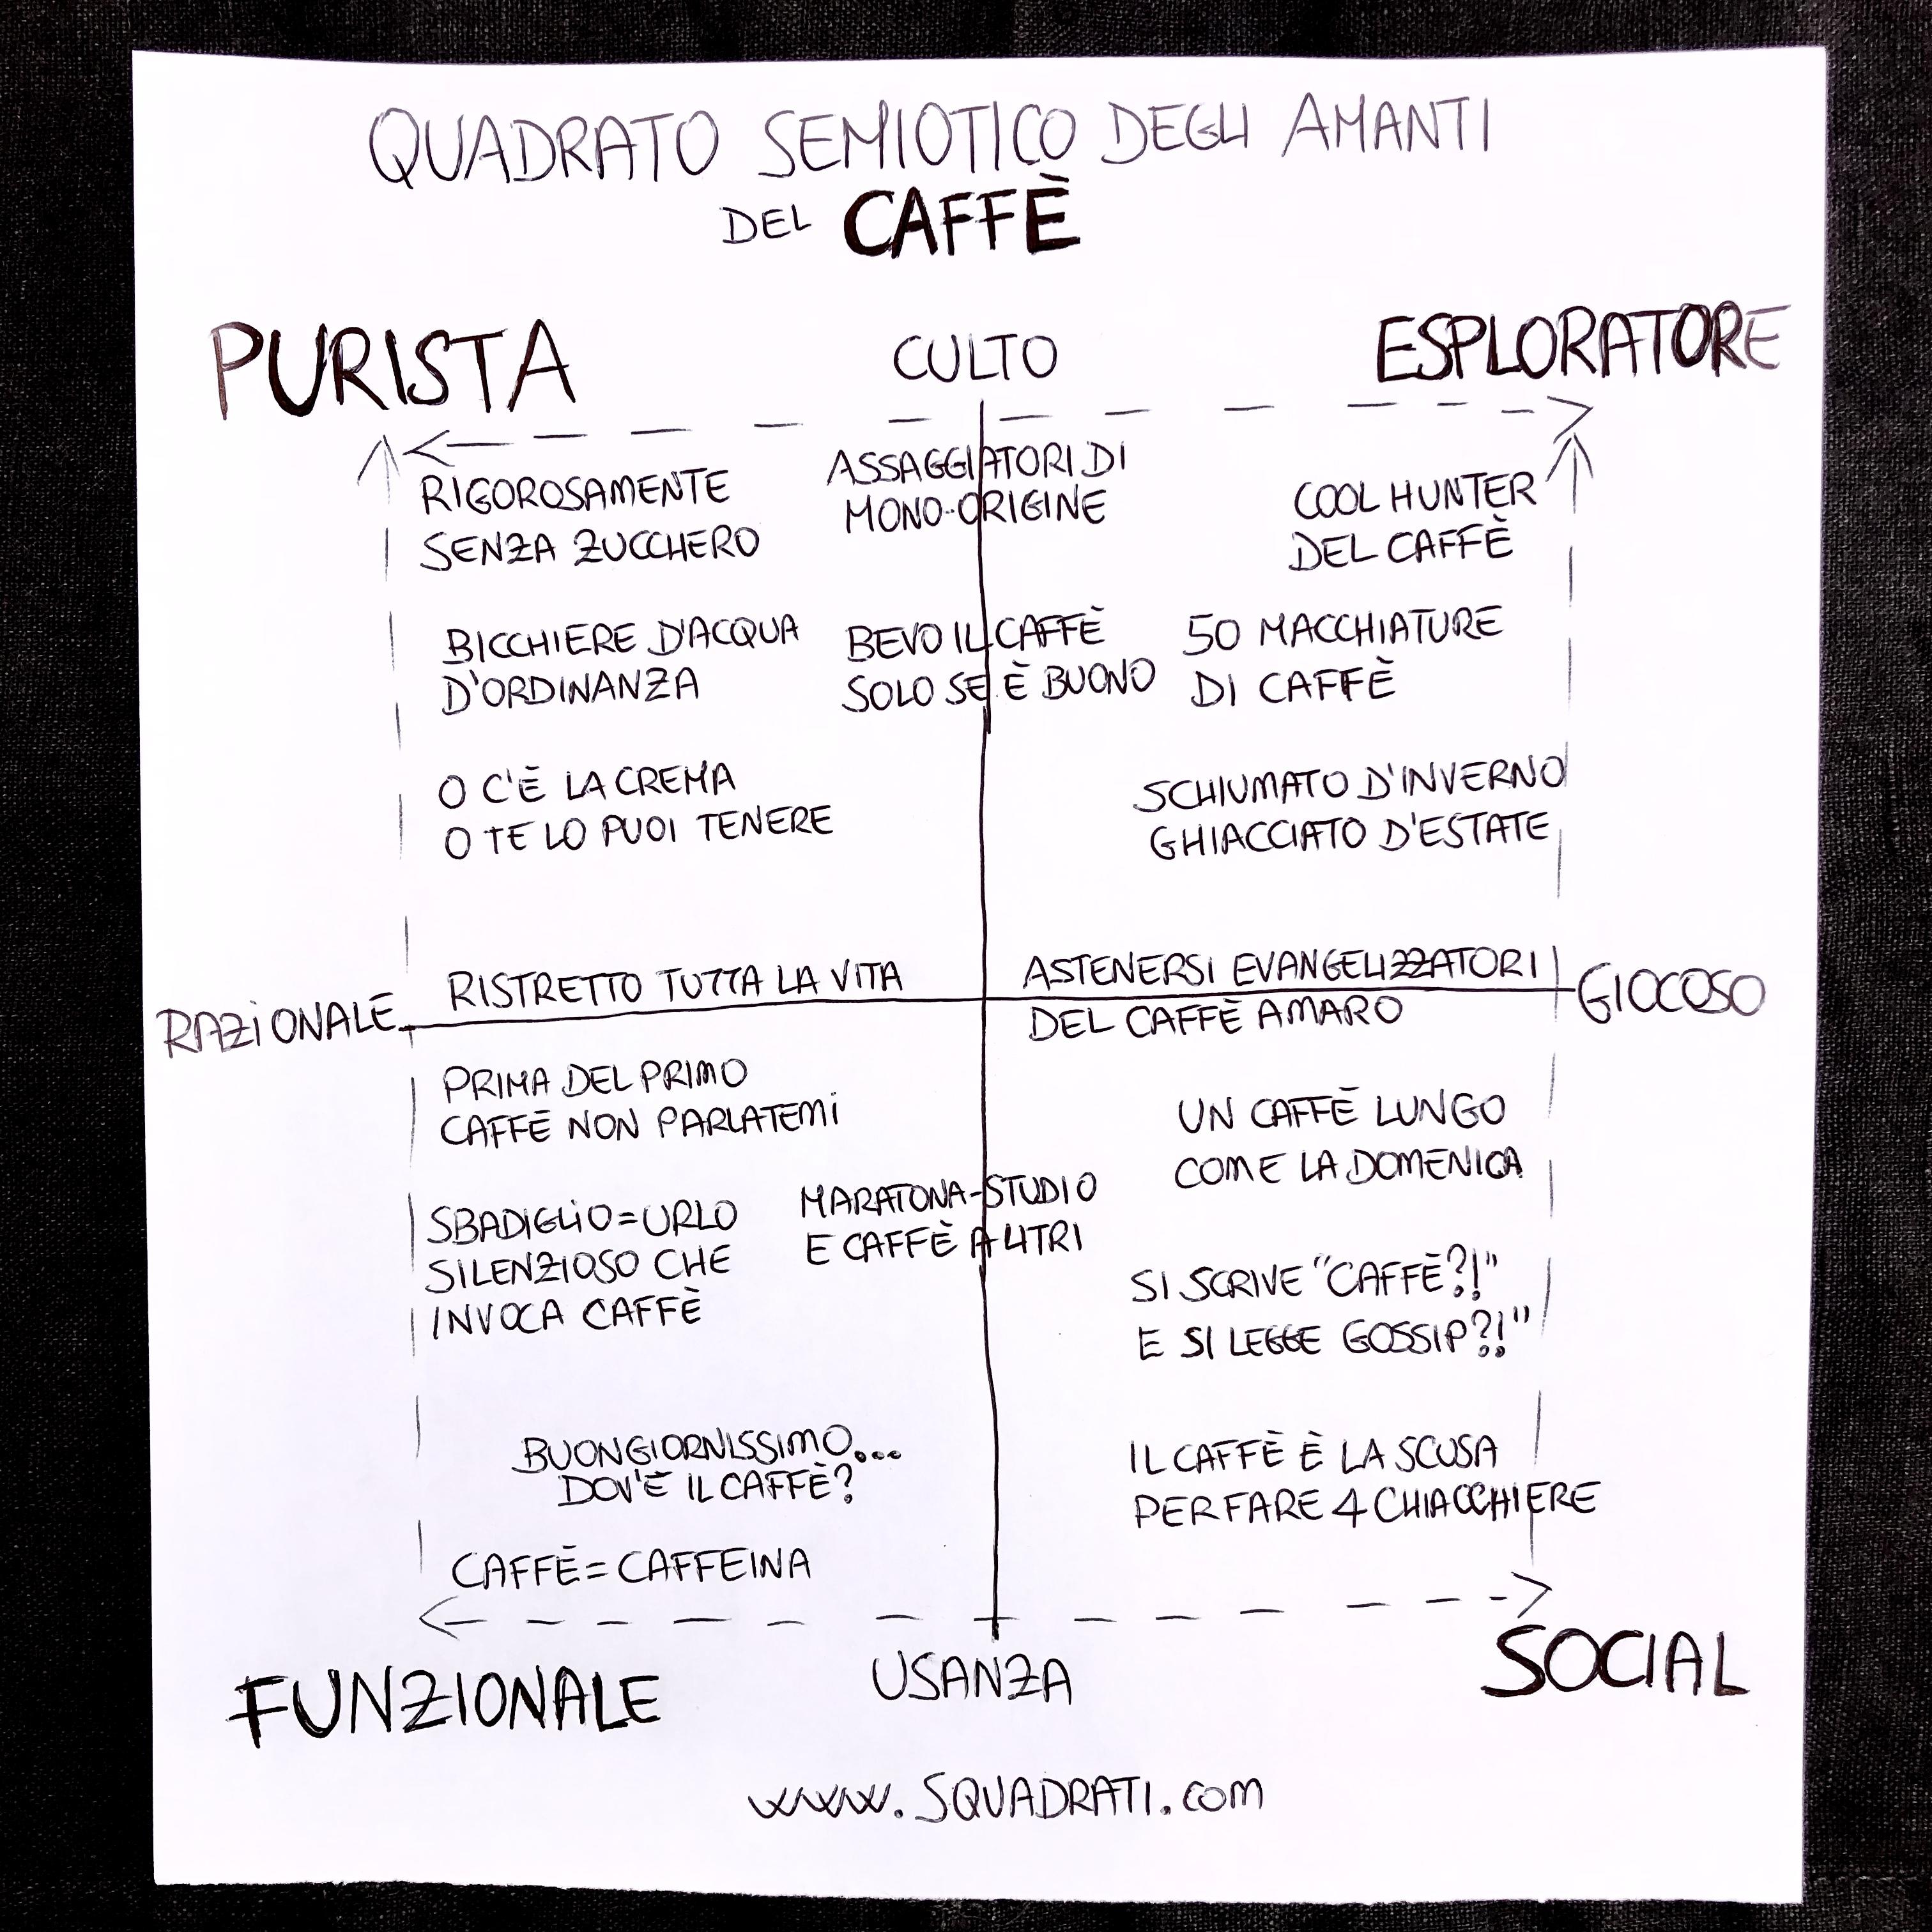 Quadrato Semiotico degli Amanti del Caffè 3